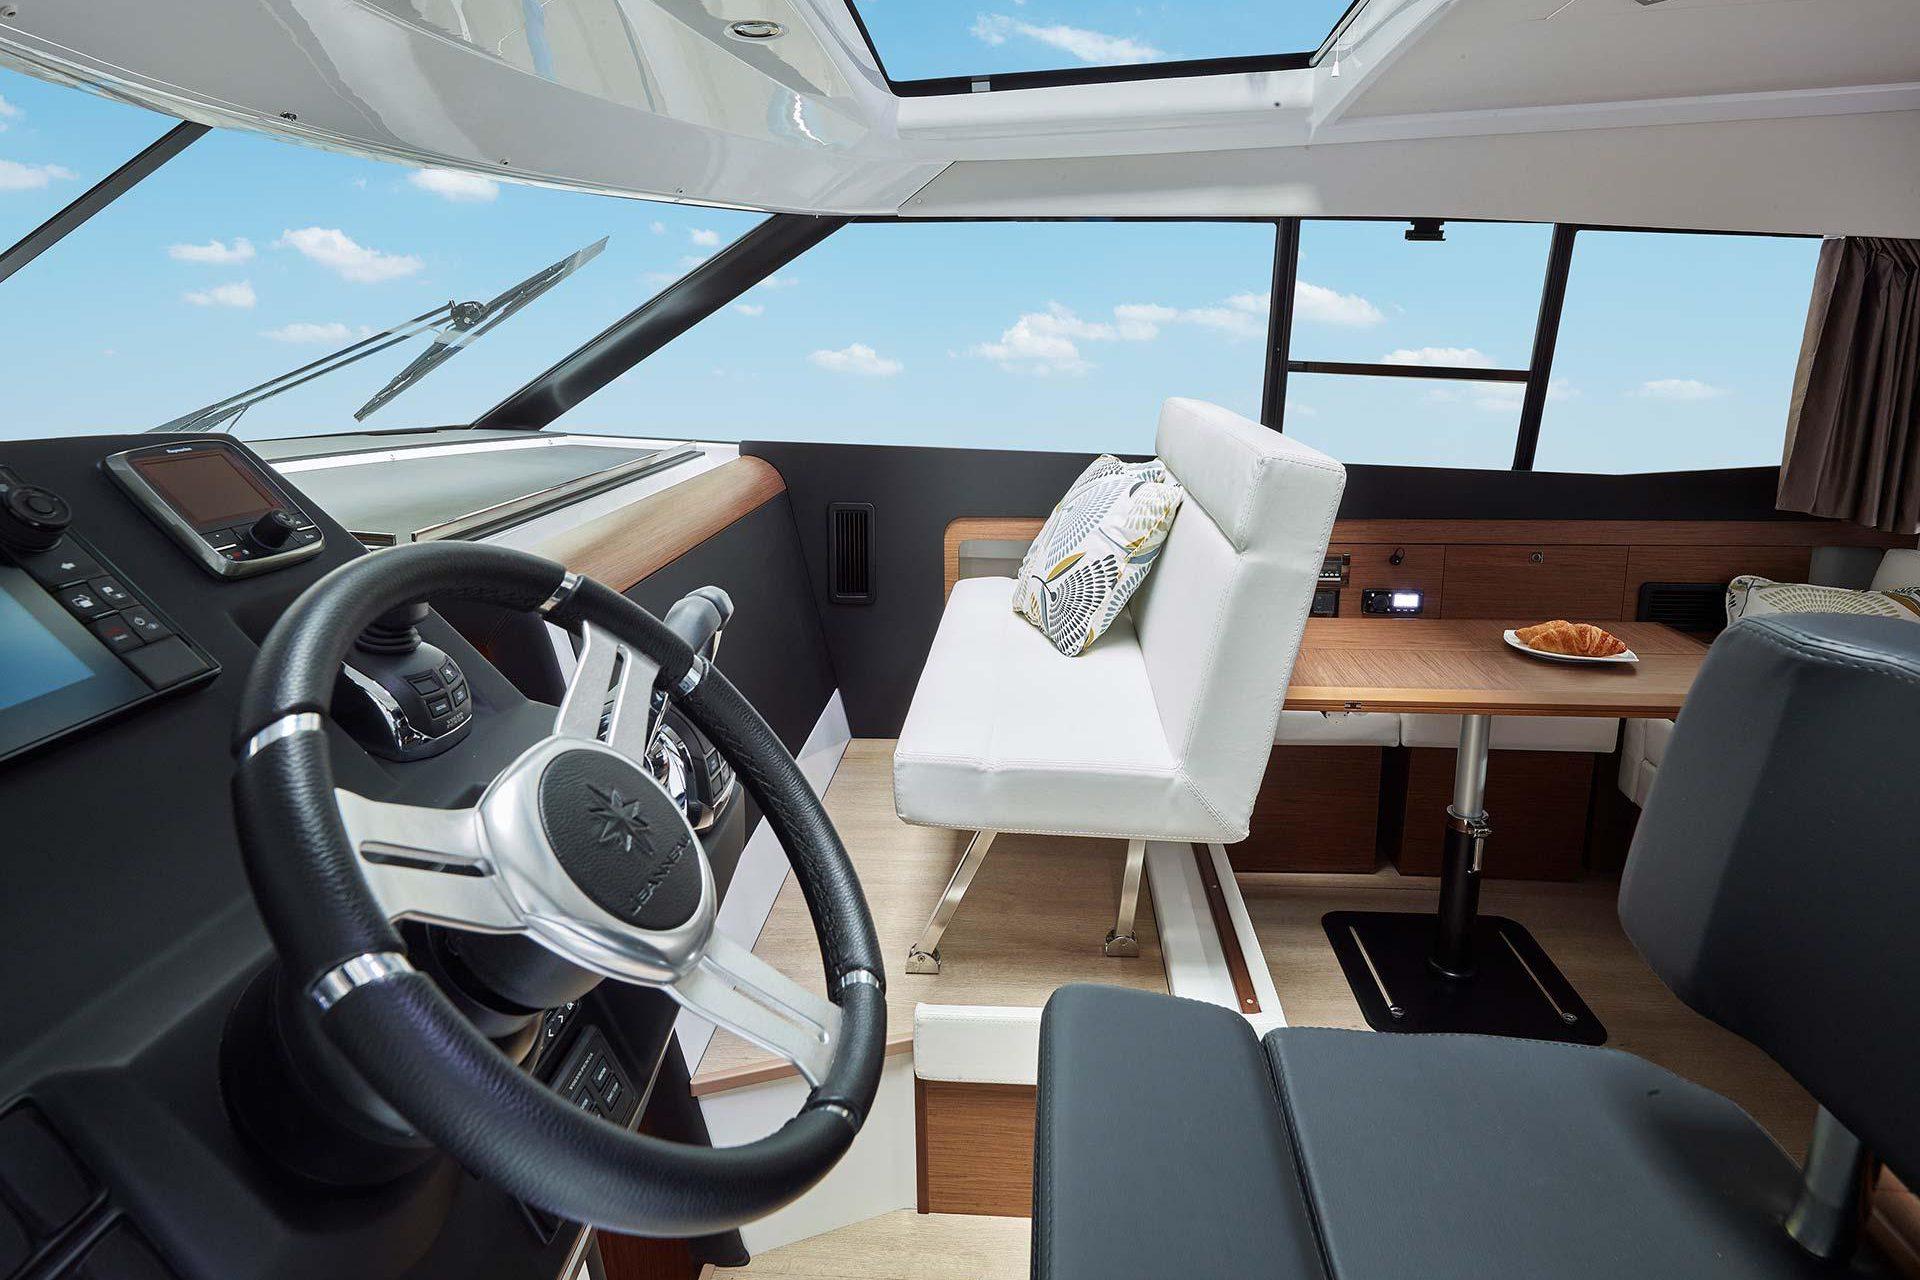 فروش قایق های تفریحی NC 11 (11)